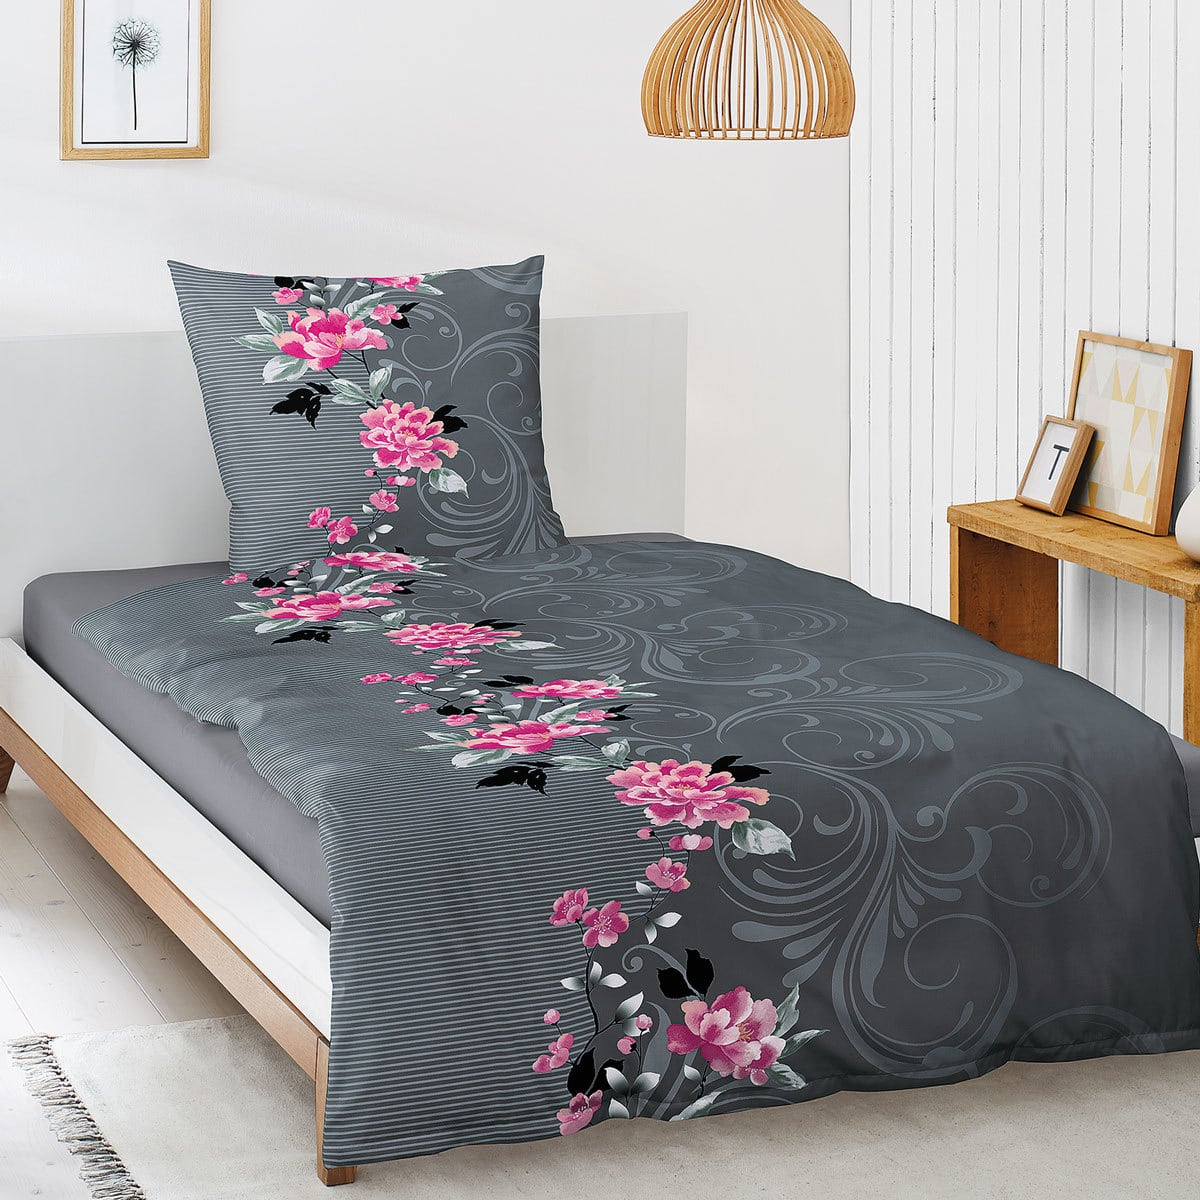 Irisette Jersey Bettwäsche Luna 8061 11 Günstig Online Kaufen Bei